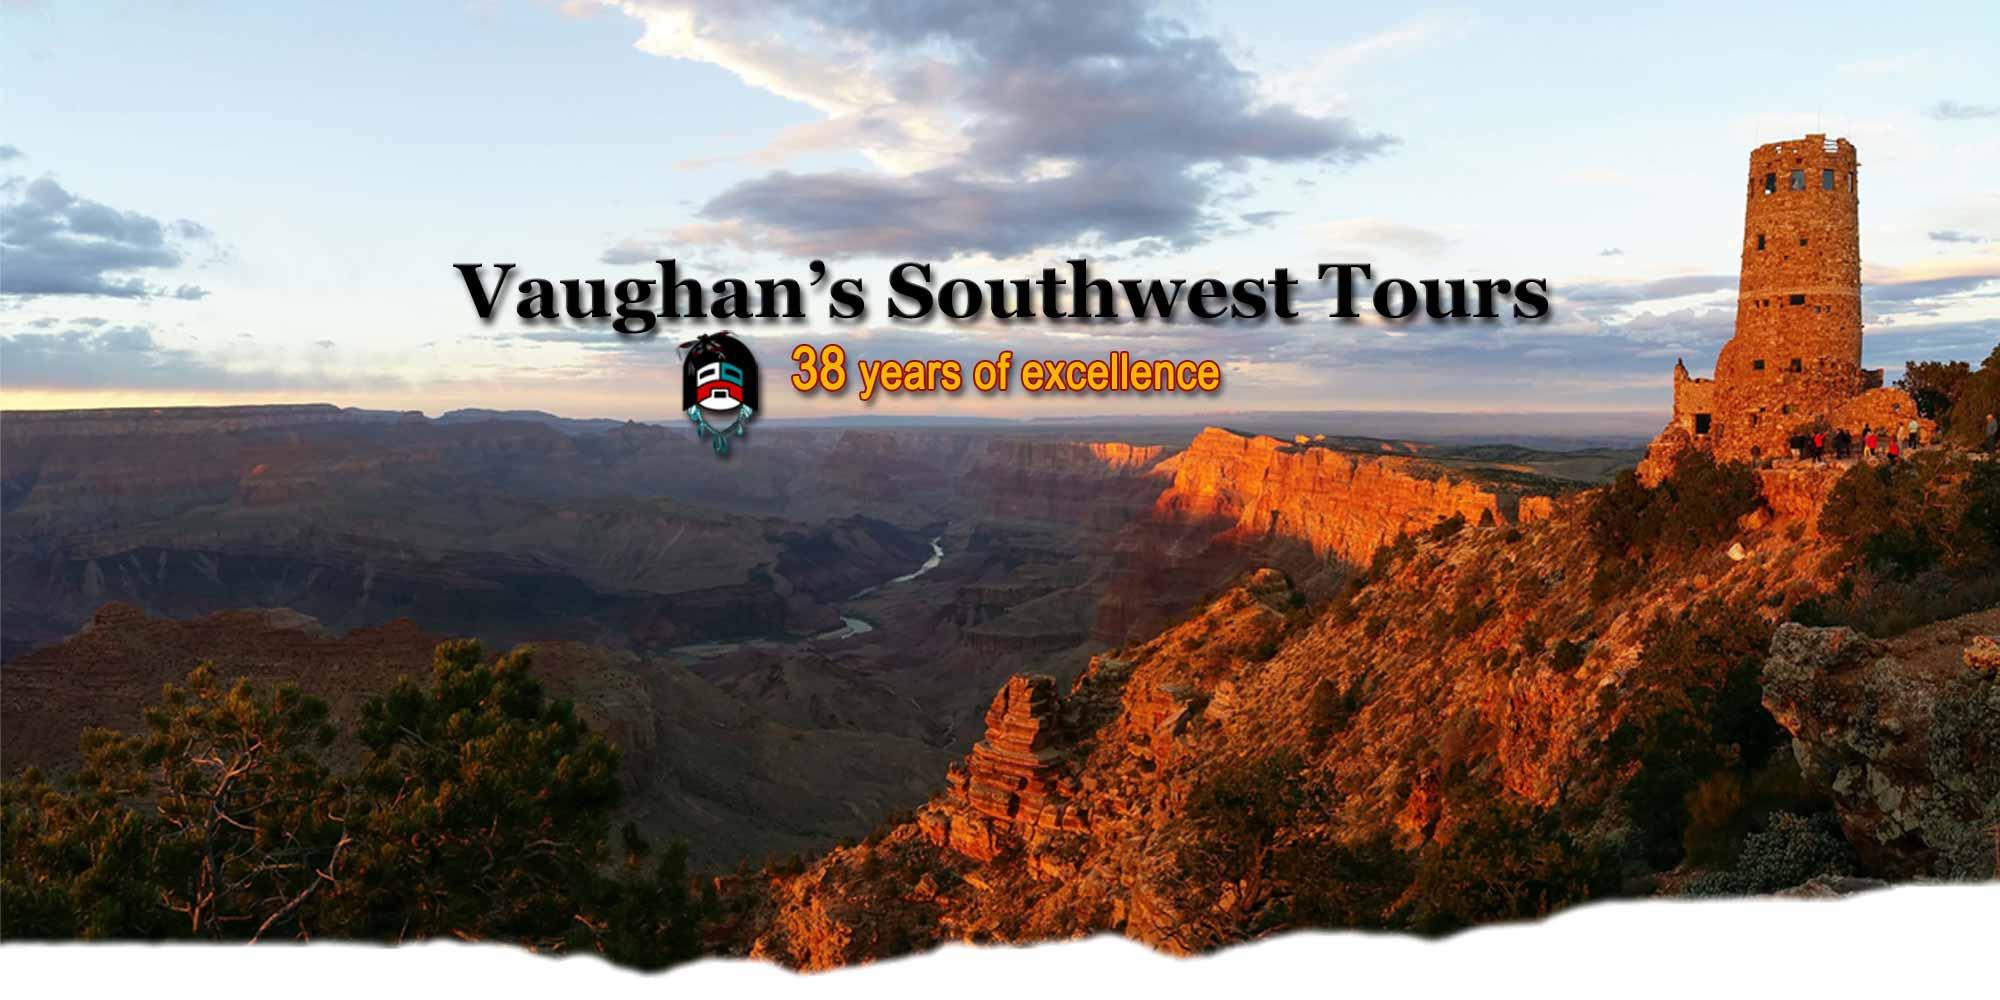 Vaughan's Southwest Tours